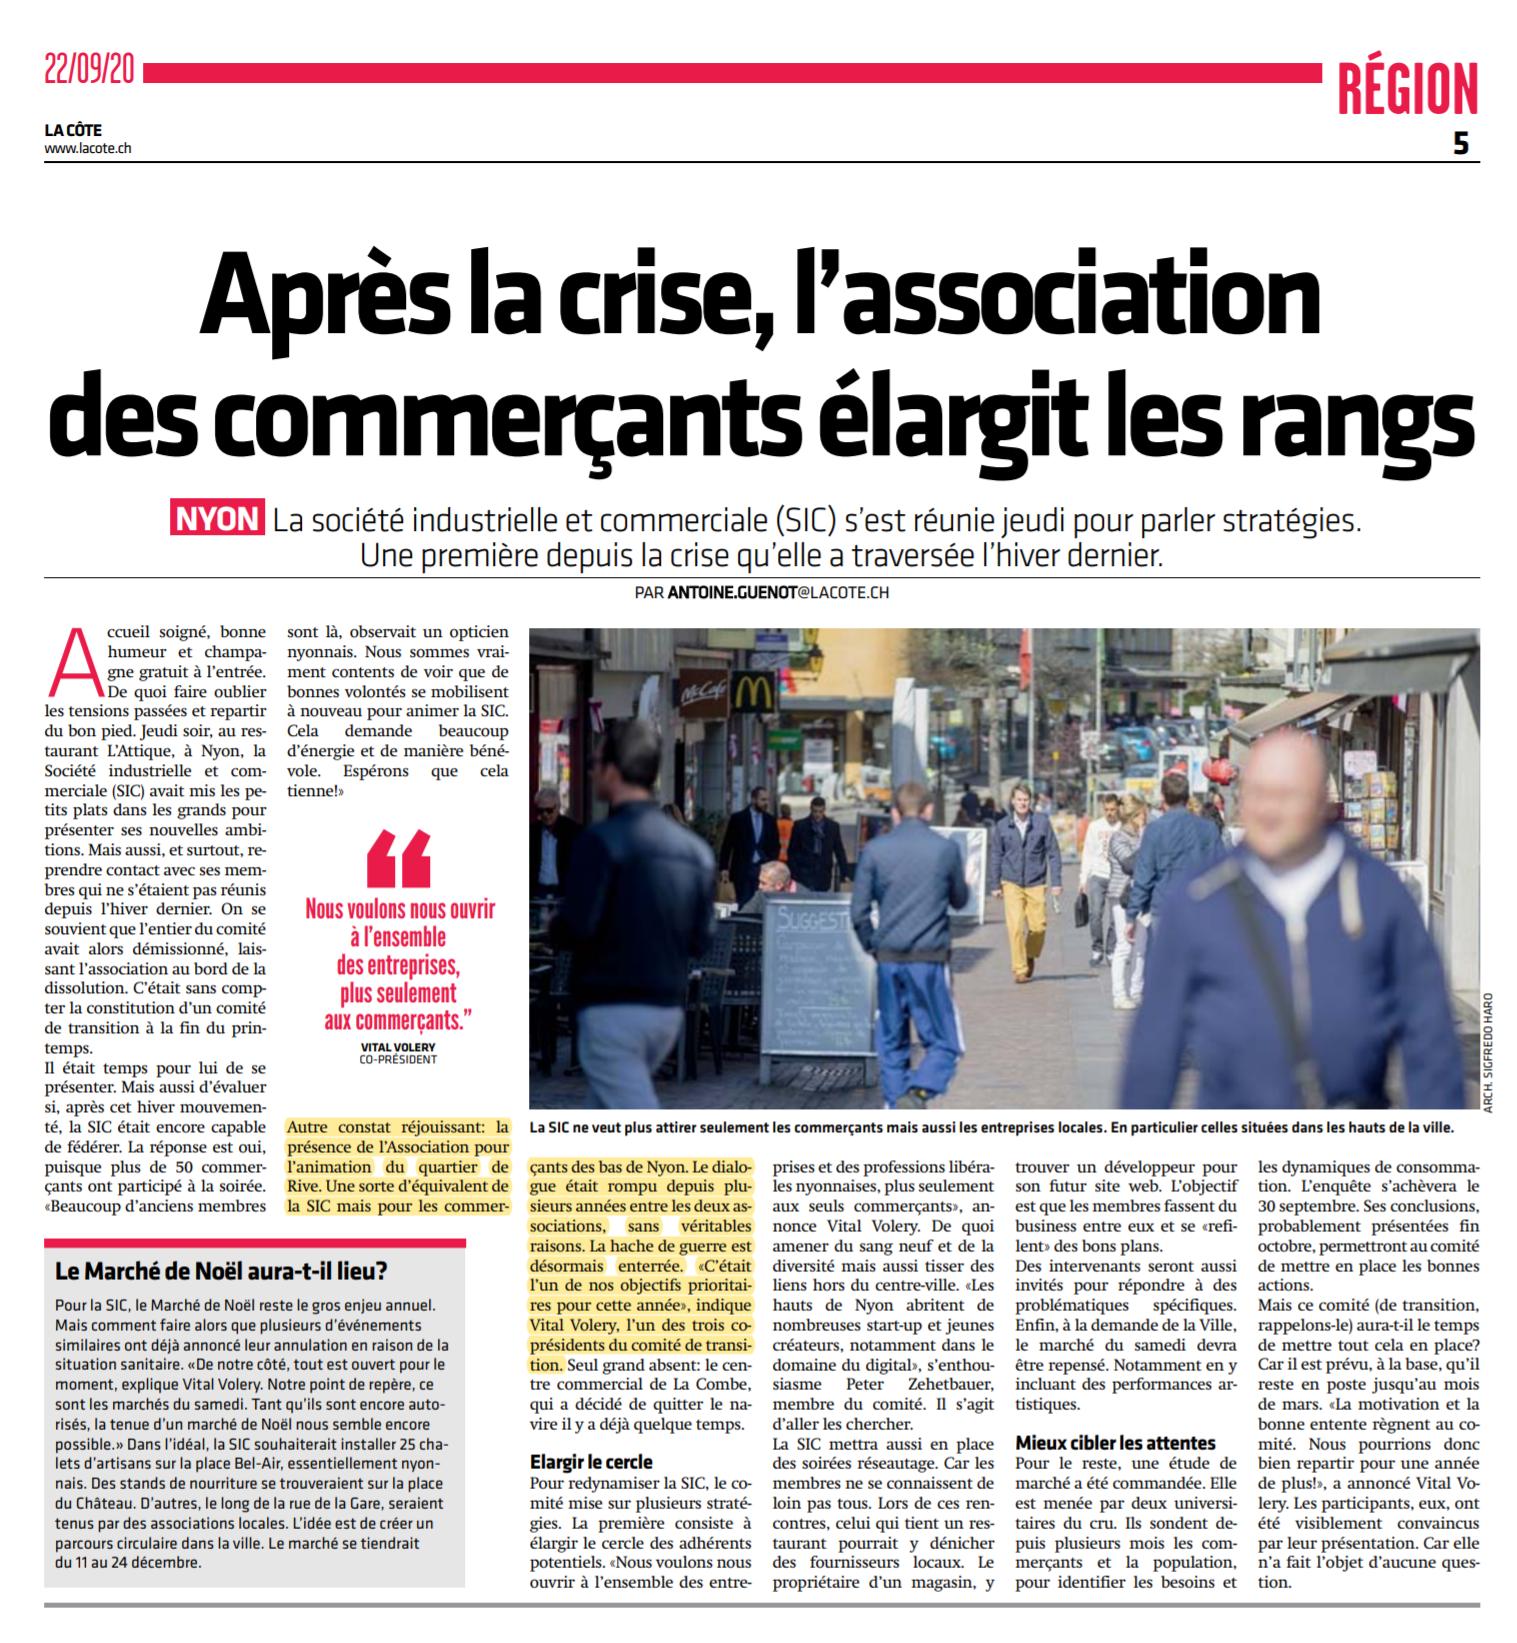 La Côte, 22.9.2020, Après la crise, l'association des commerçants (SIC) élargit les rangs